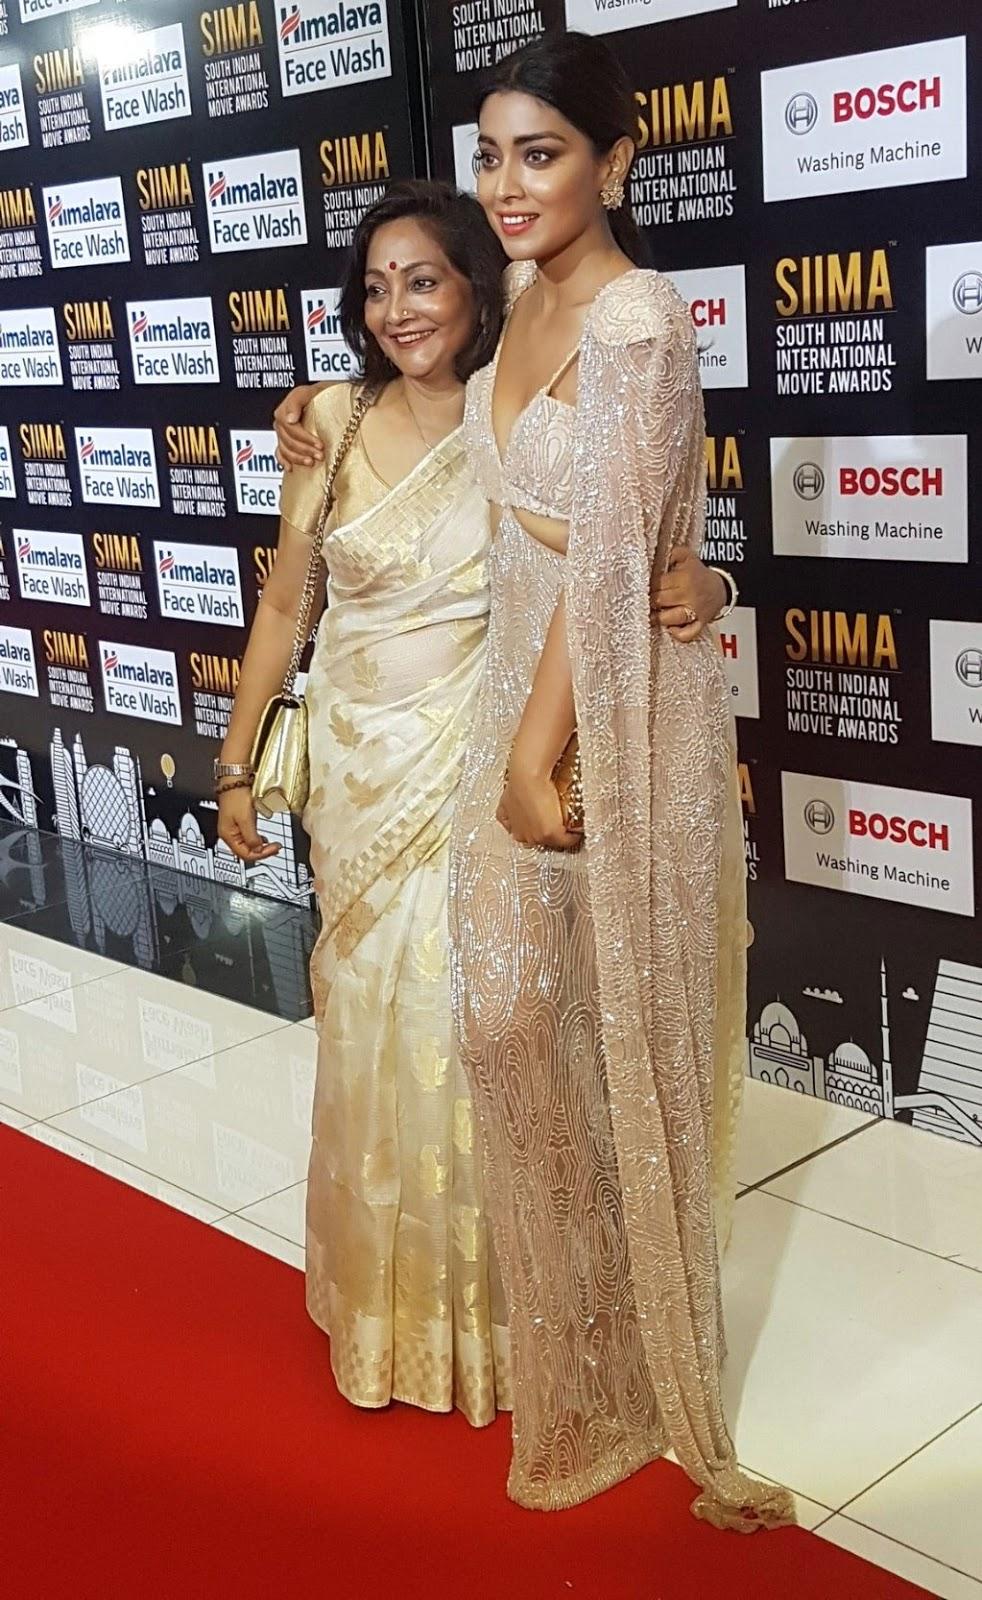 Actress Shriya Saran Photos At SIIMA Awards 2017